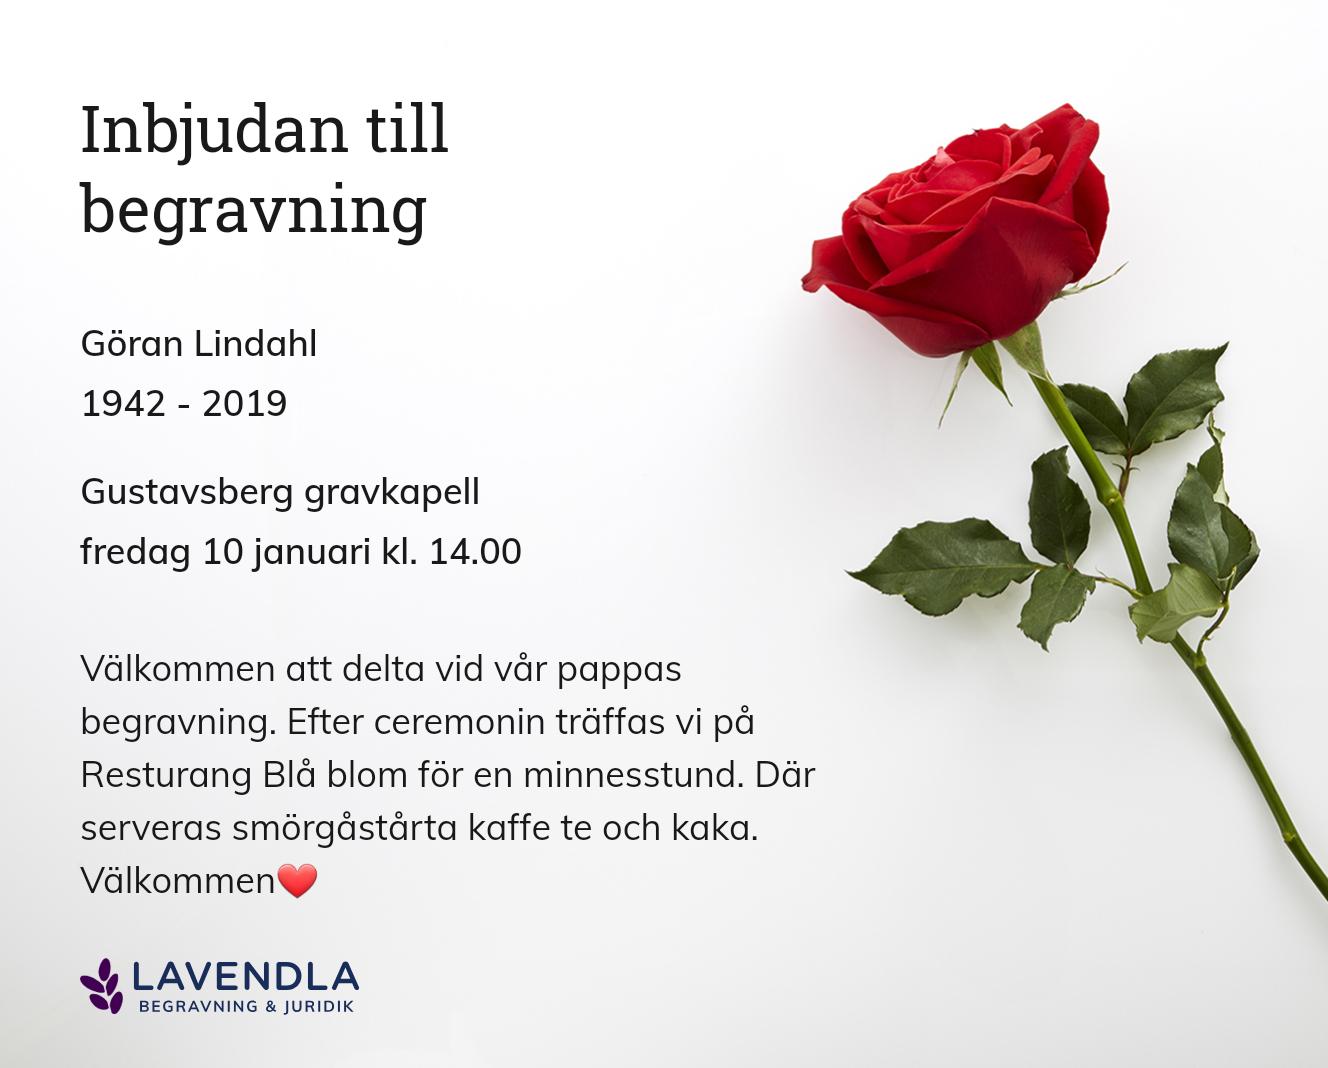 Inbjudningskort till ceremonin för Göran Lindahl